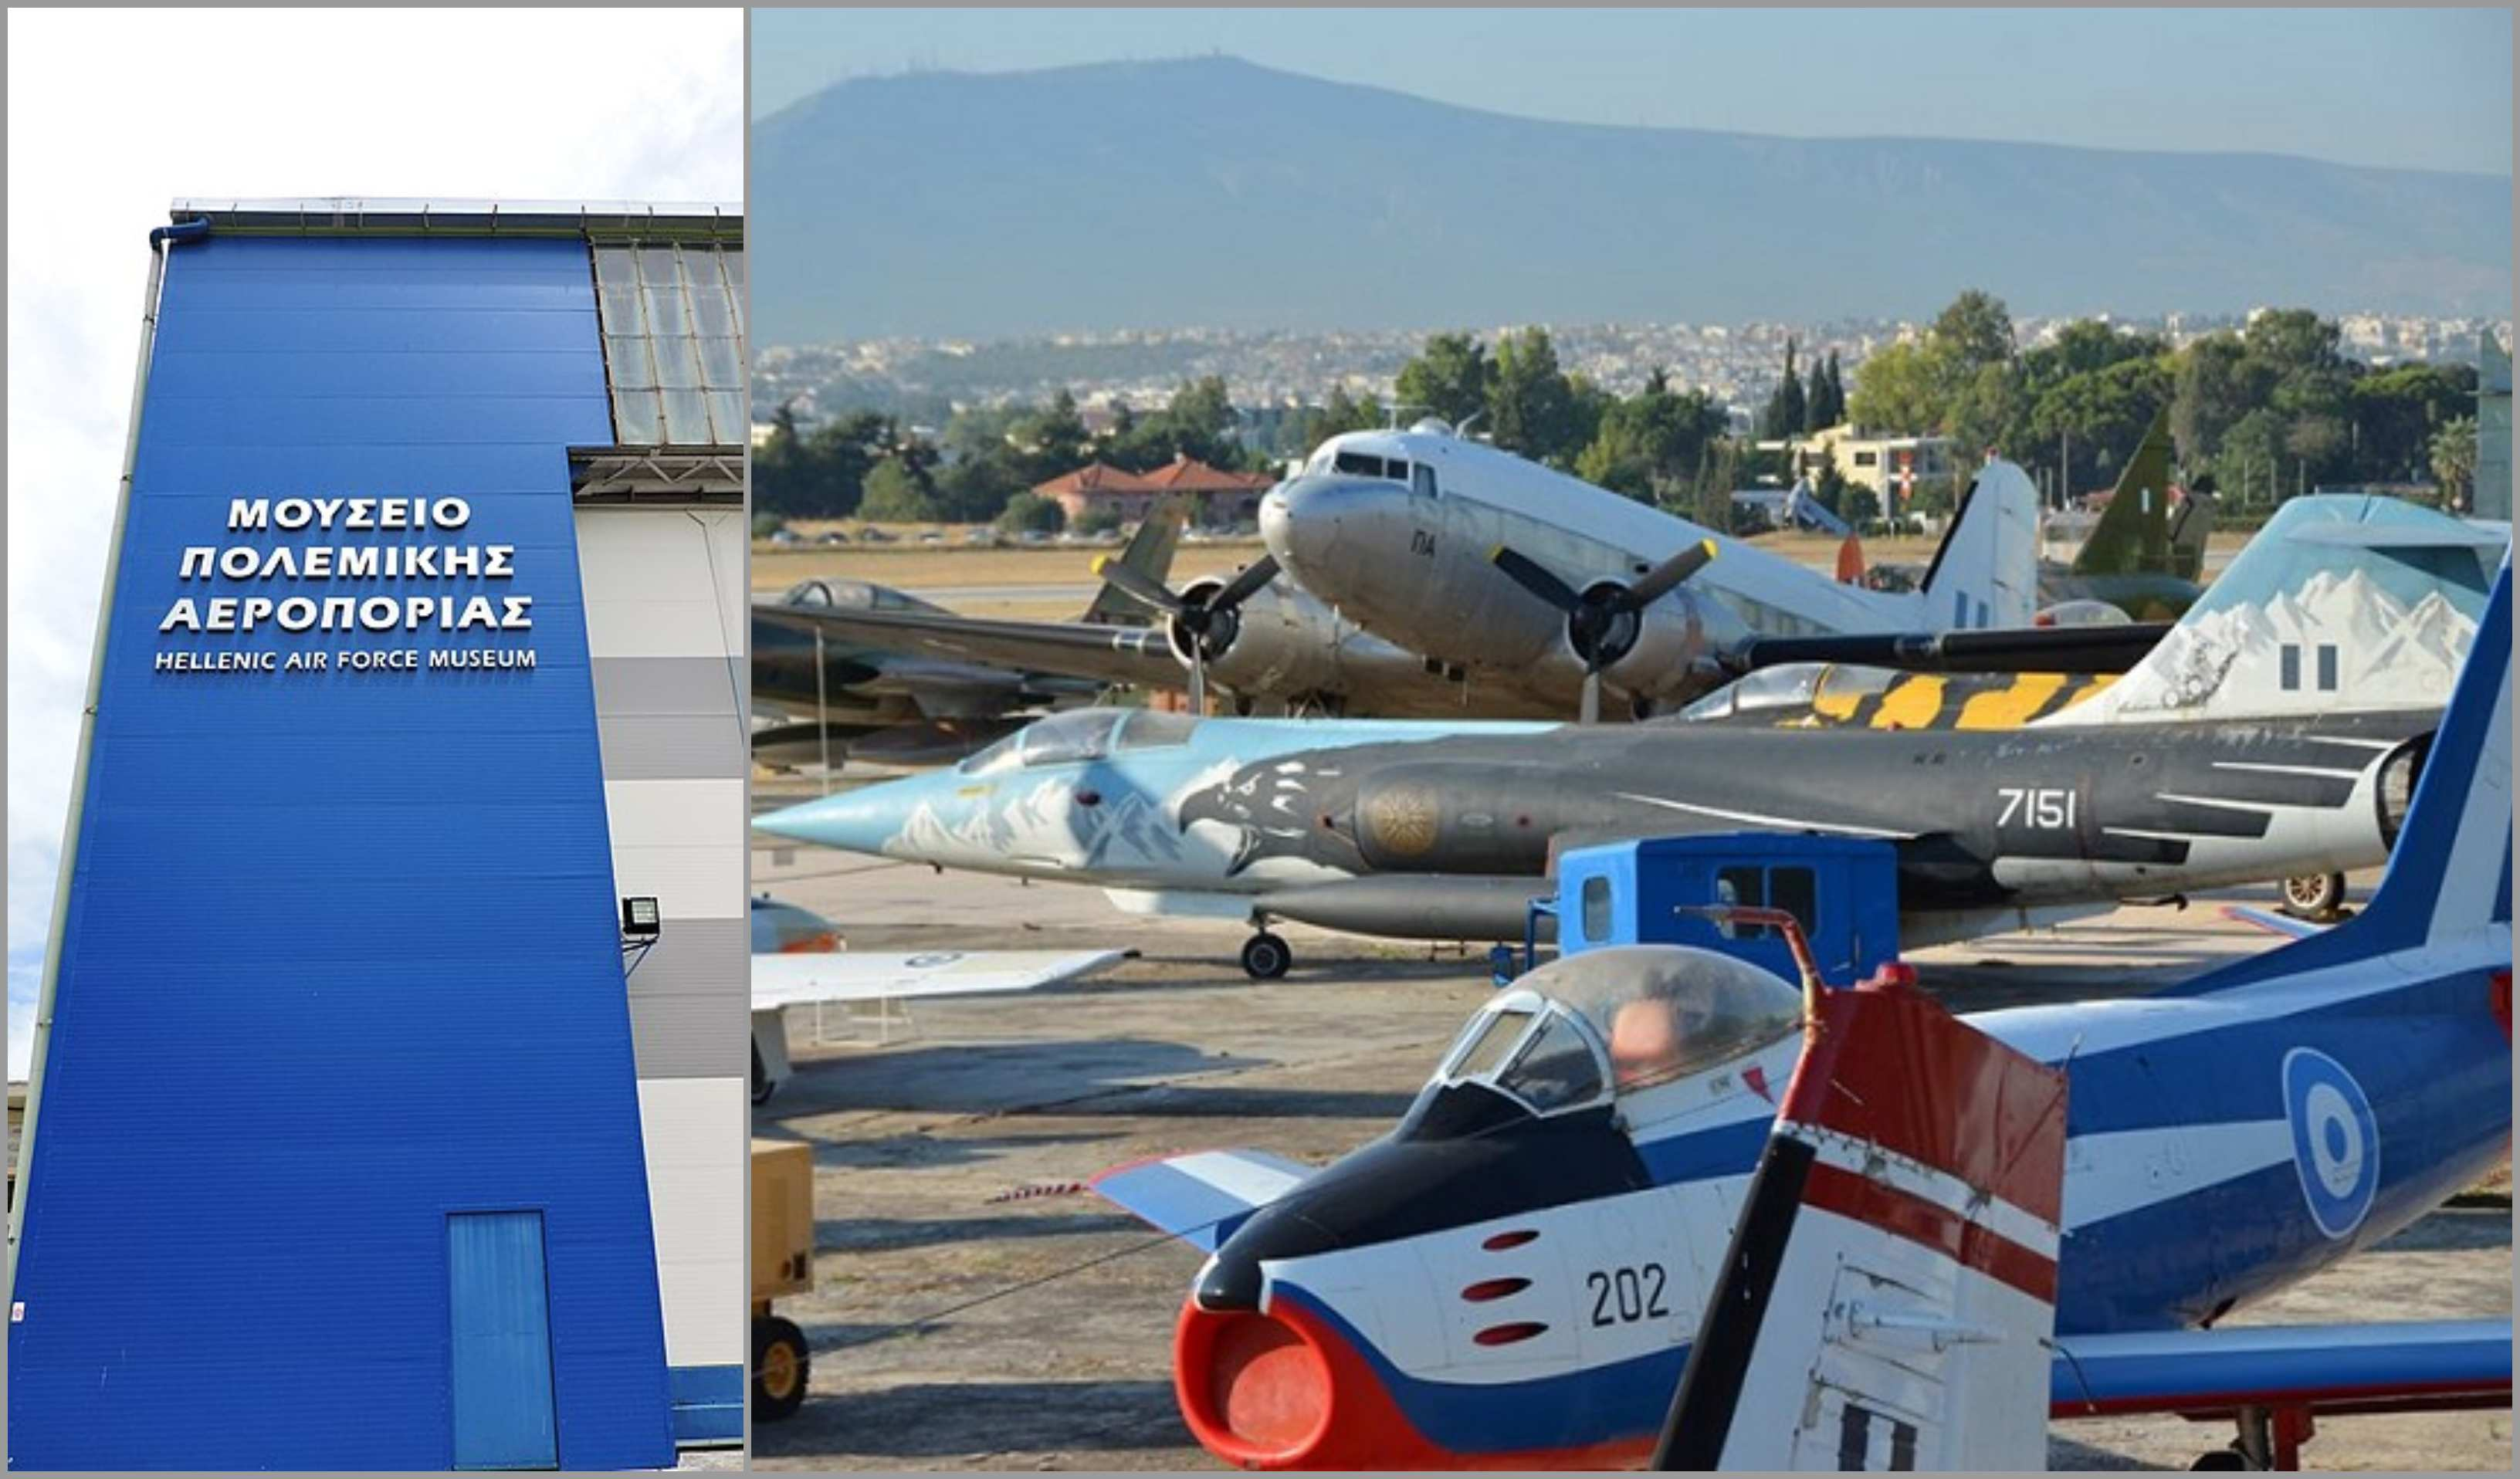 Ελληνικό Μουσείο Πολεμικής Αεροπορίας